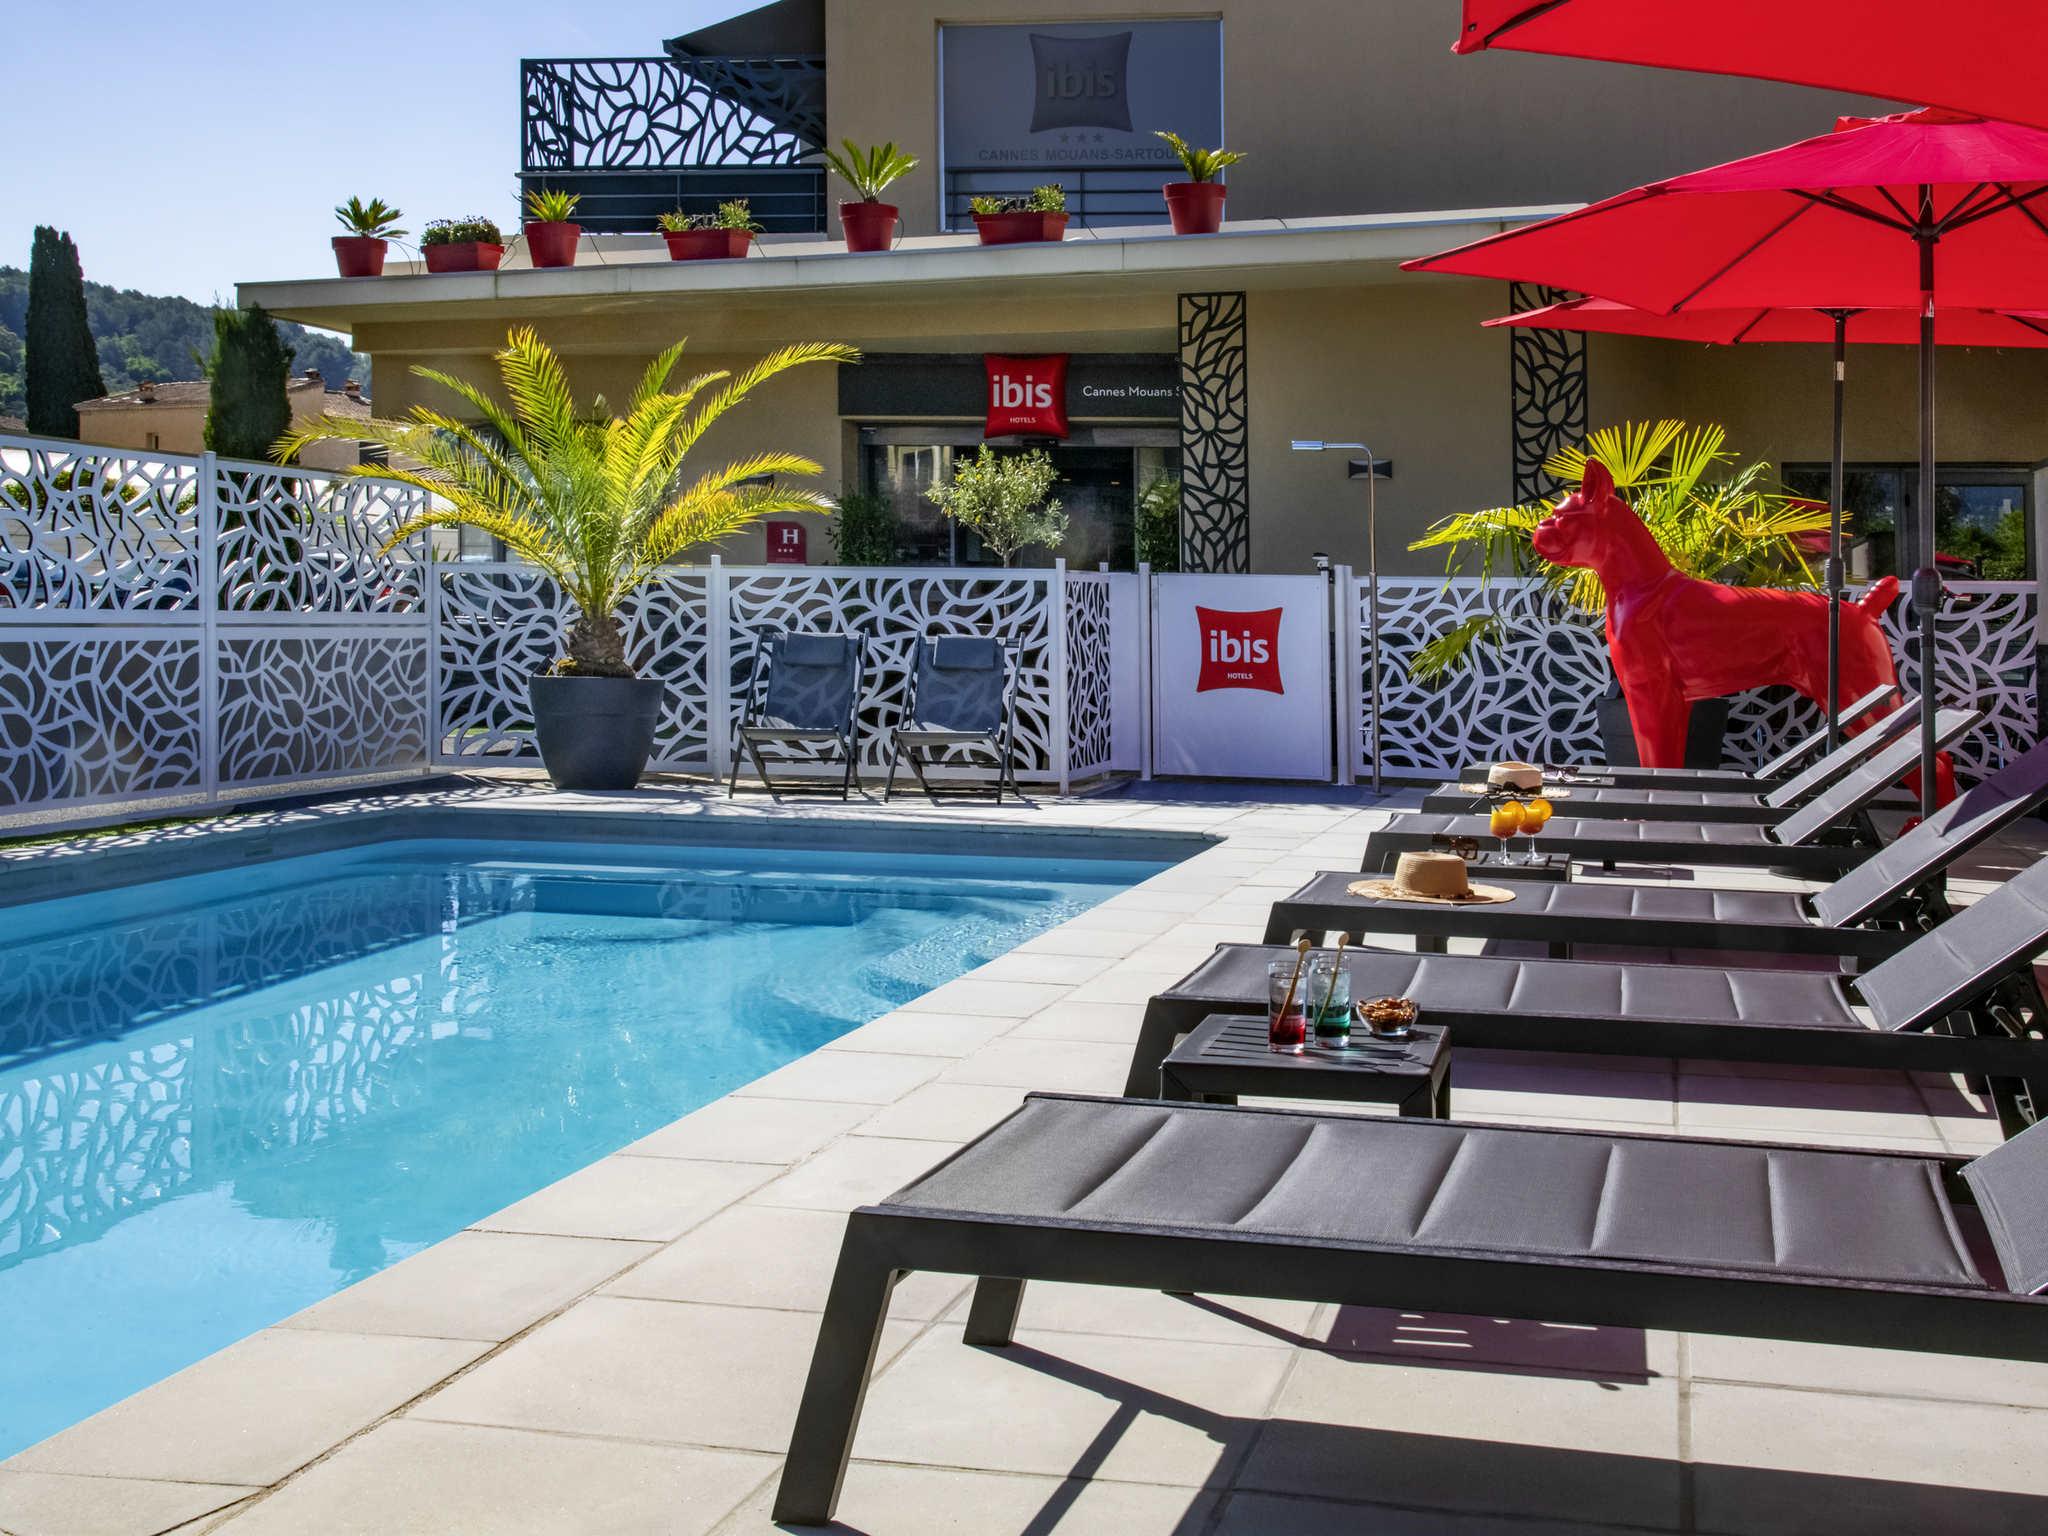 โรงแรม – ibis Cannes Mouans-Sartoux